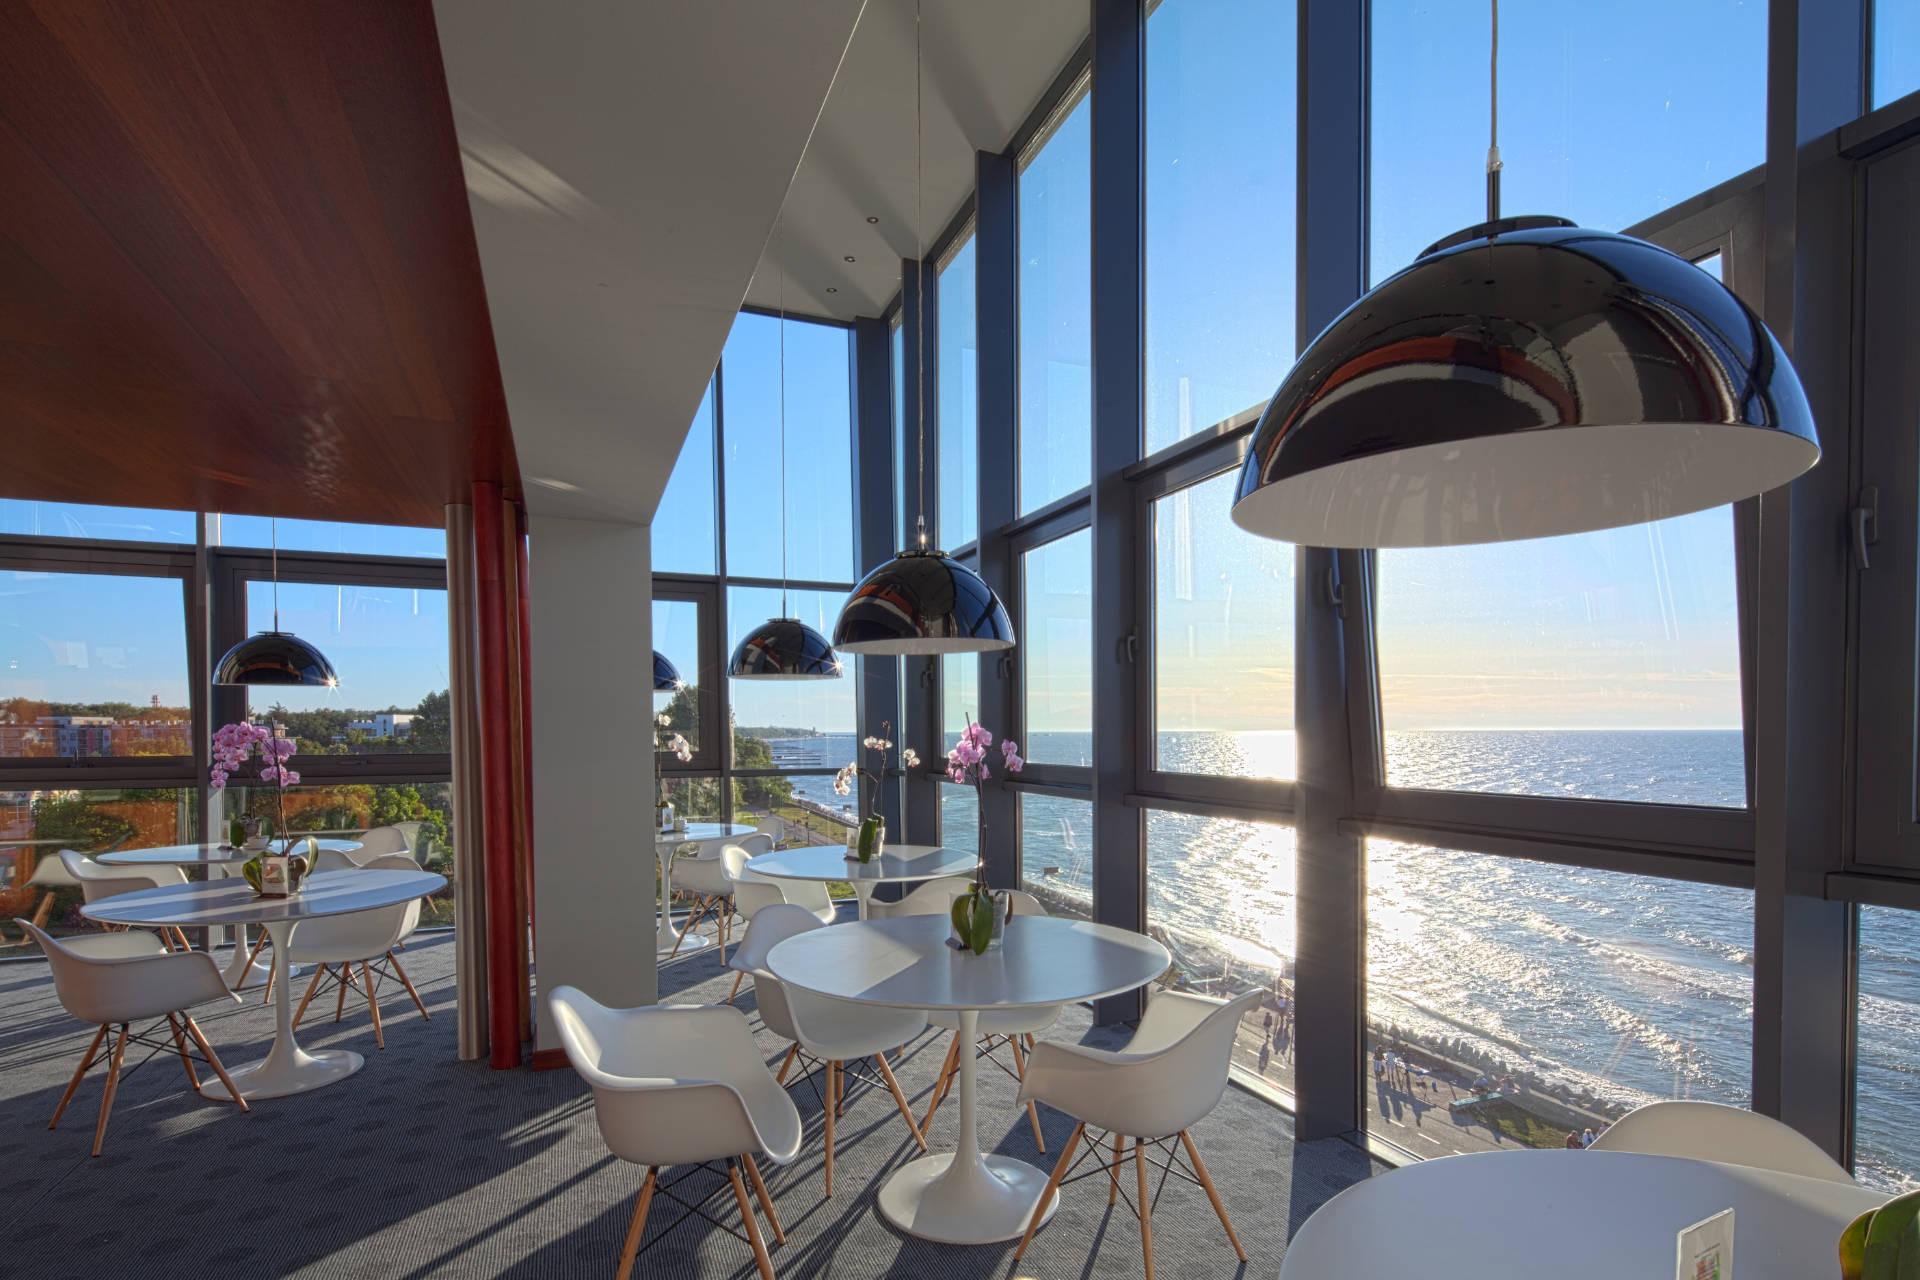 Zu sehen ist ein Seeblick aus dem Hotel Marine in Kolberg, Bild: Hotel Marine